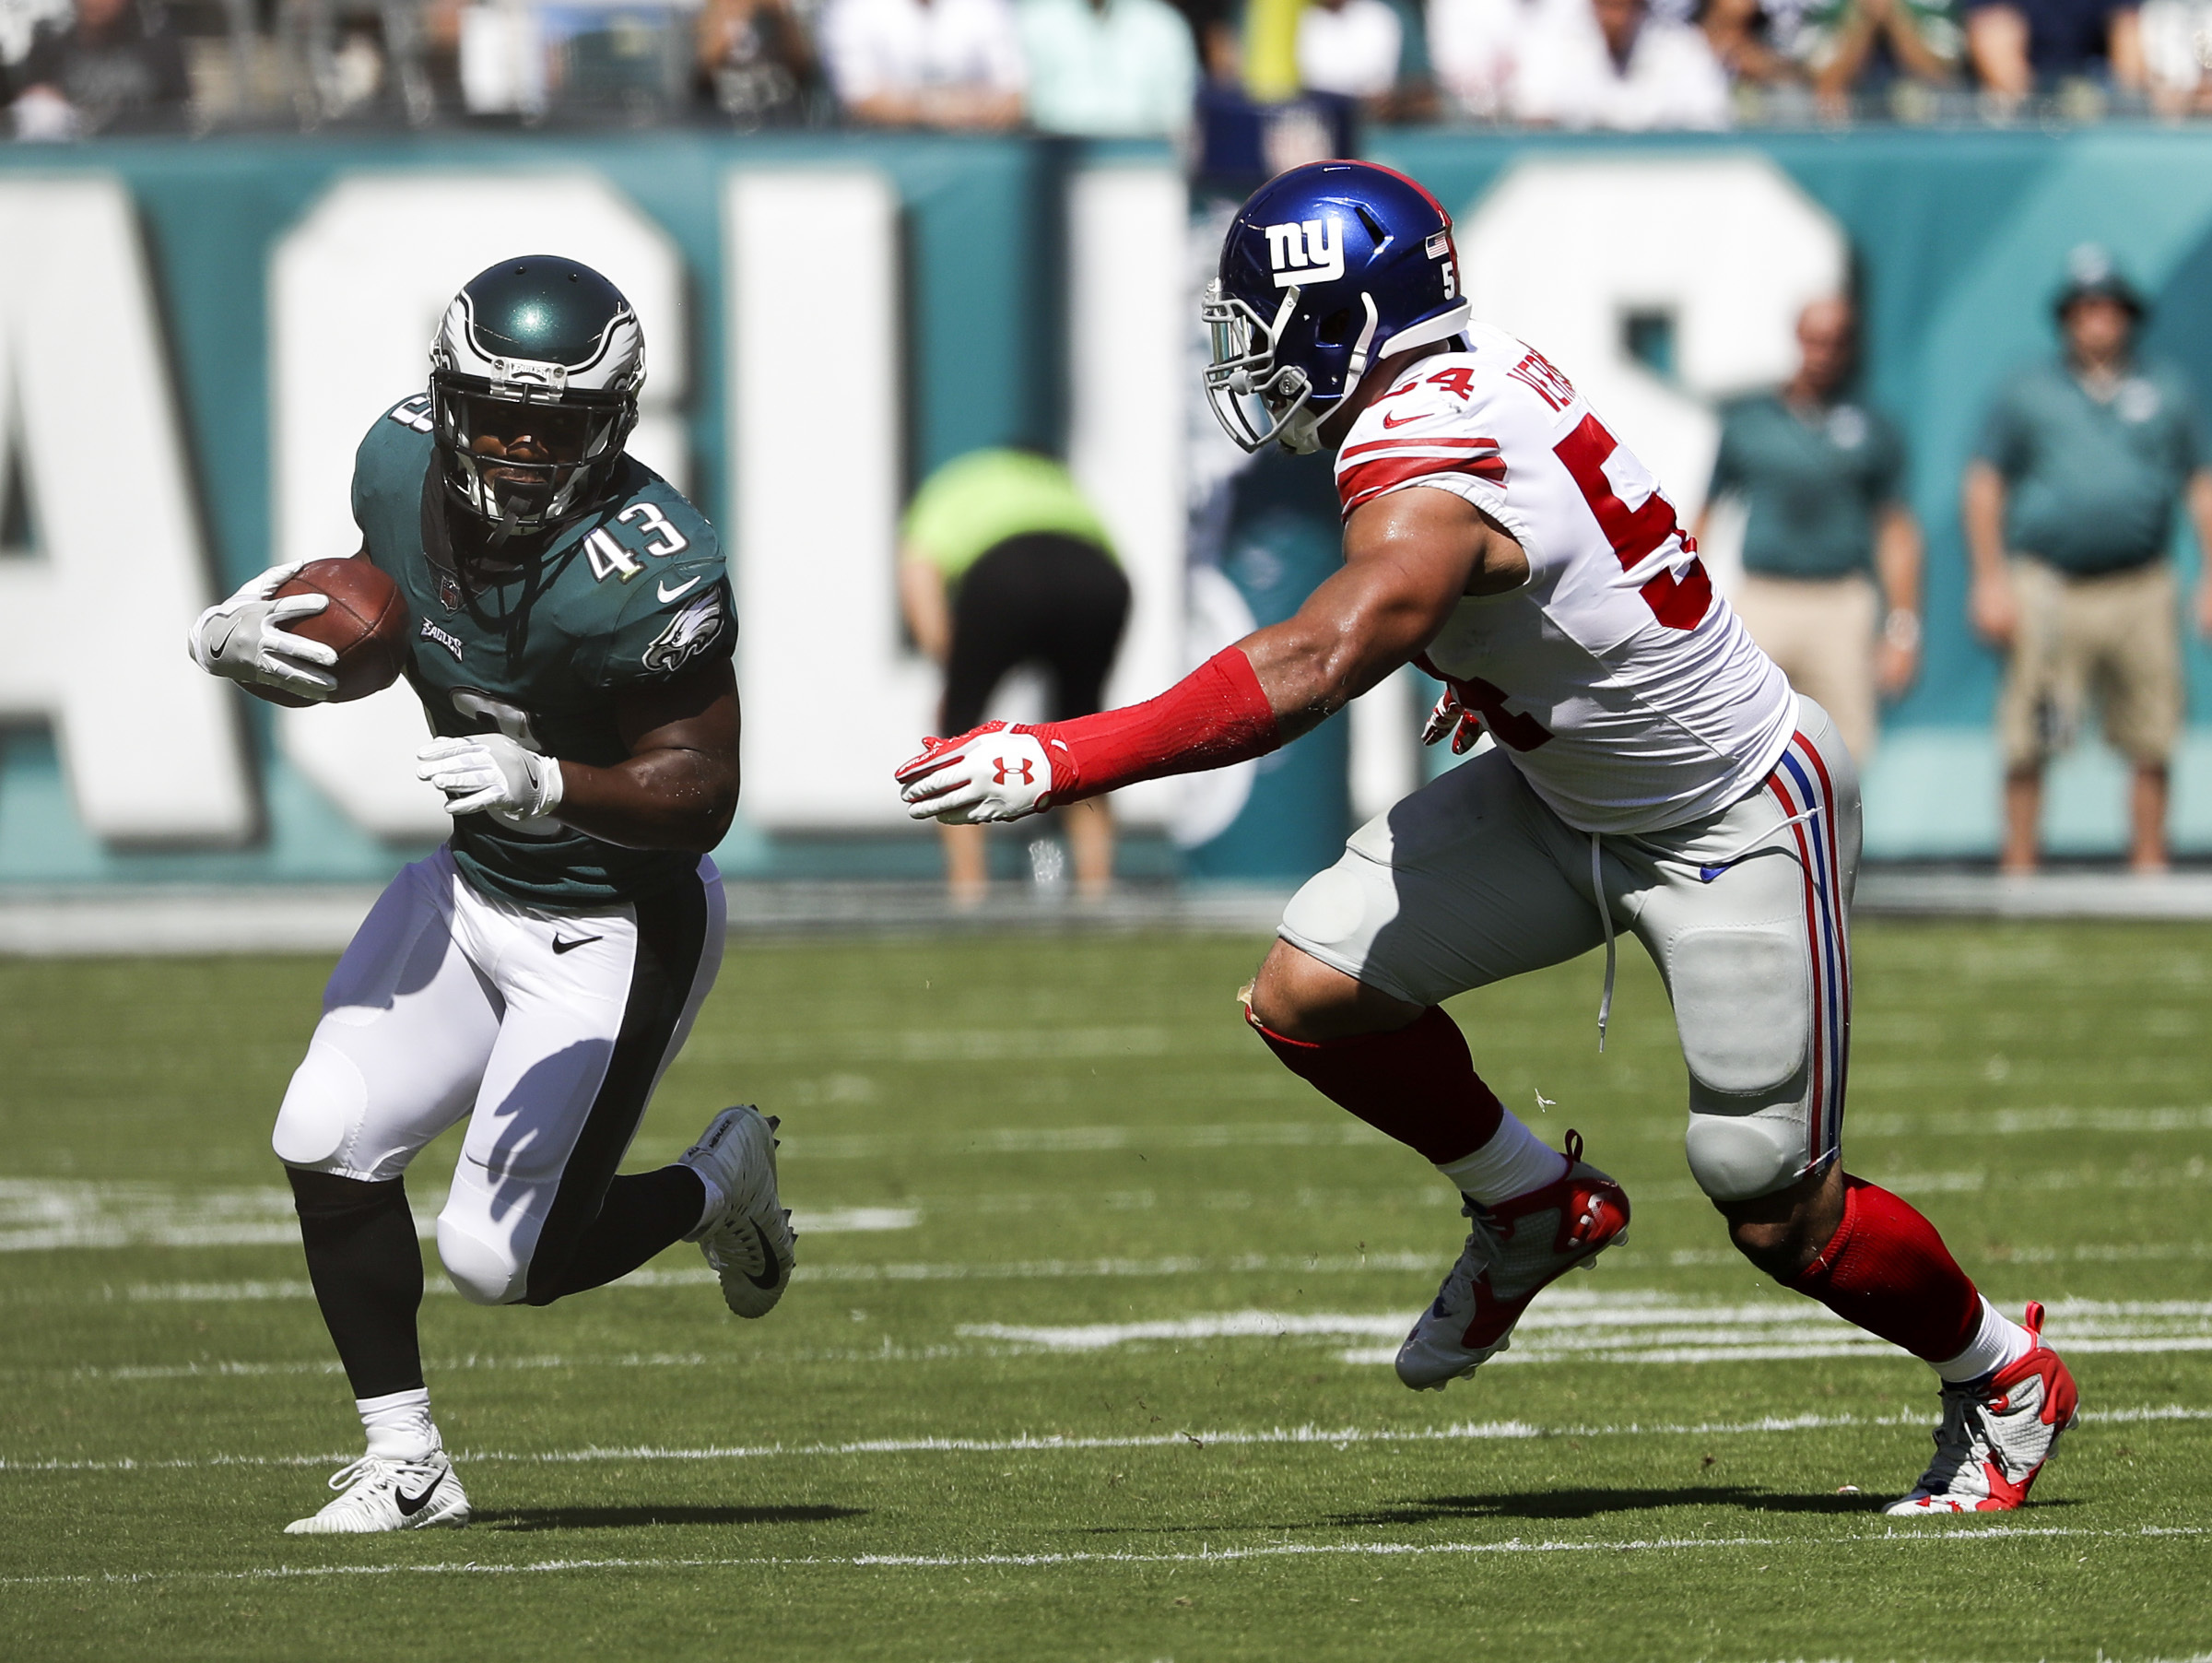 Eagles running back Darren Sproles runs Giants defensive end Olivier Vernon.